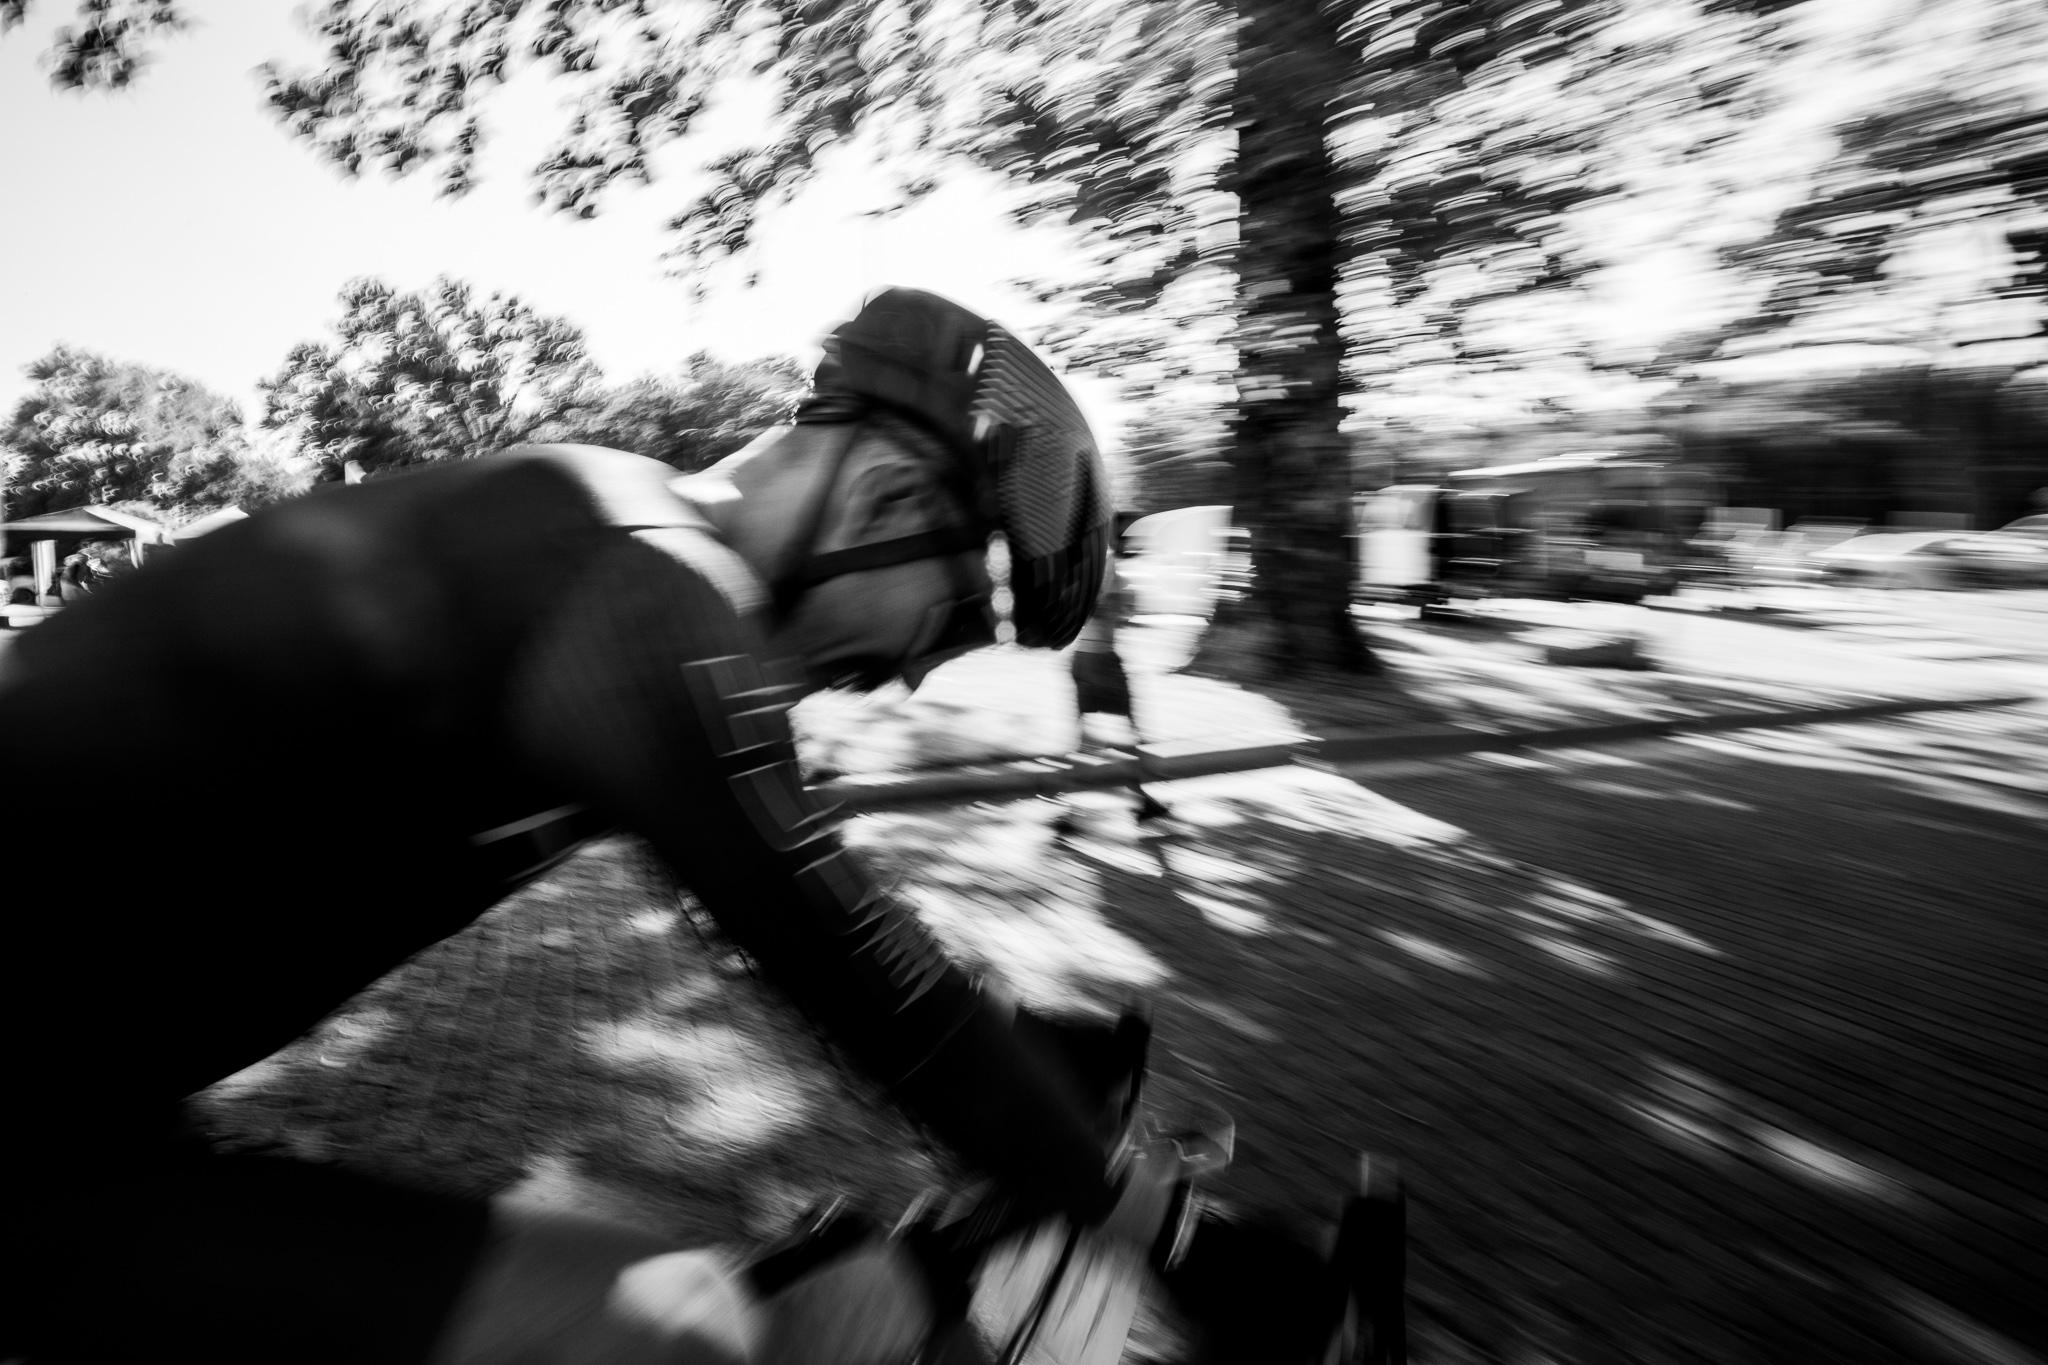 2019-06-01 Speedvagen Dirty Kanza Photo Essay-7.jpg